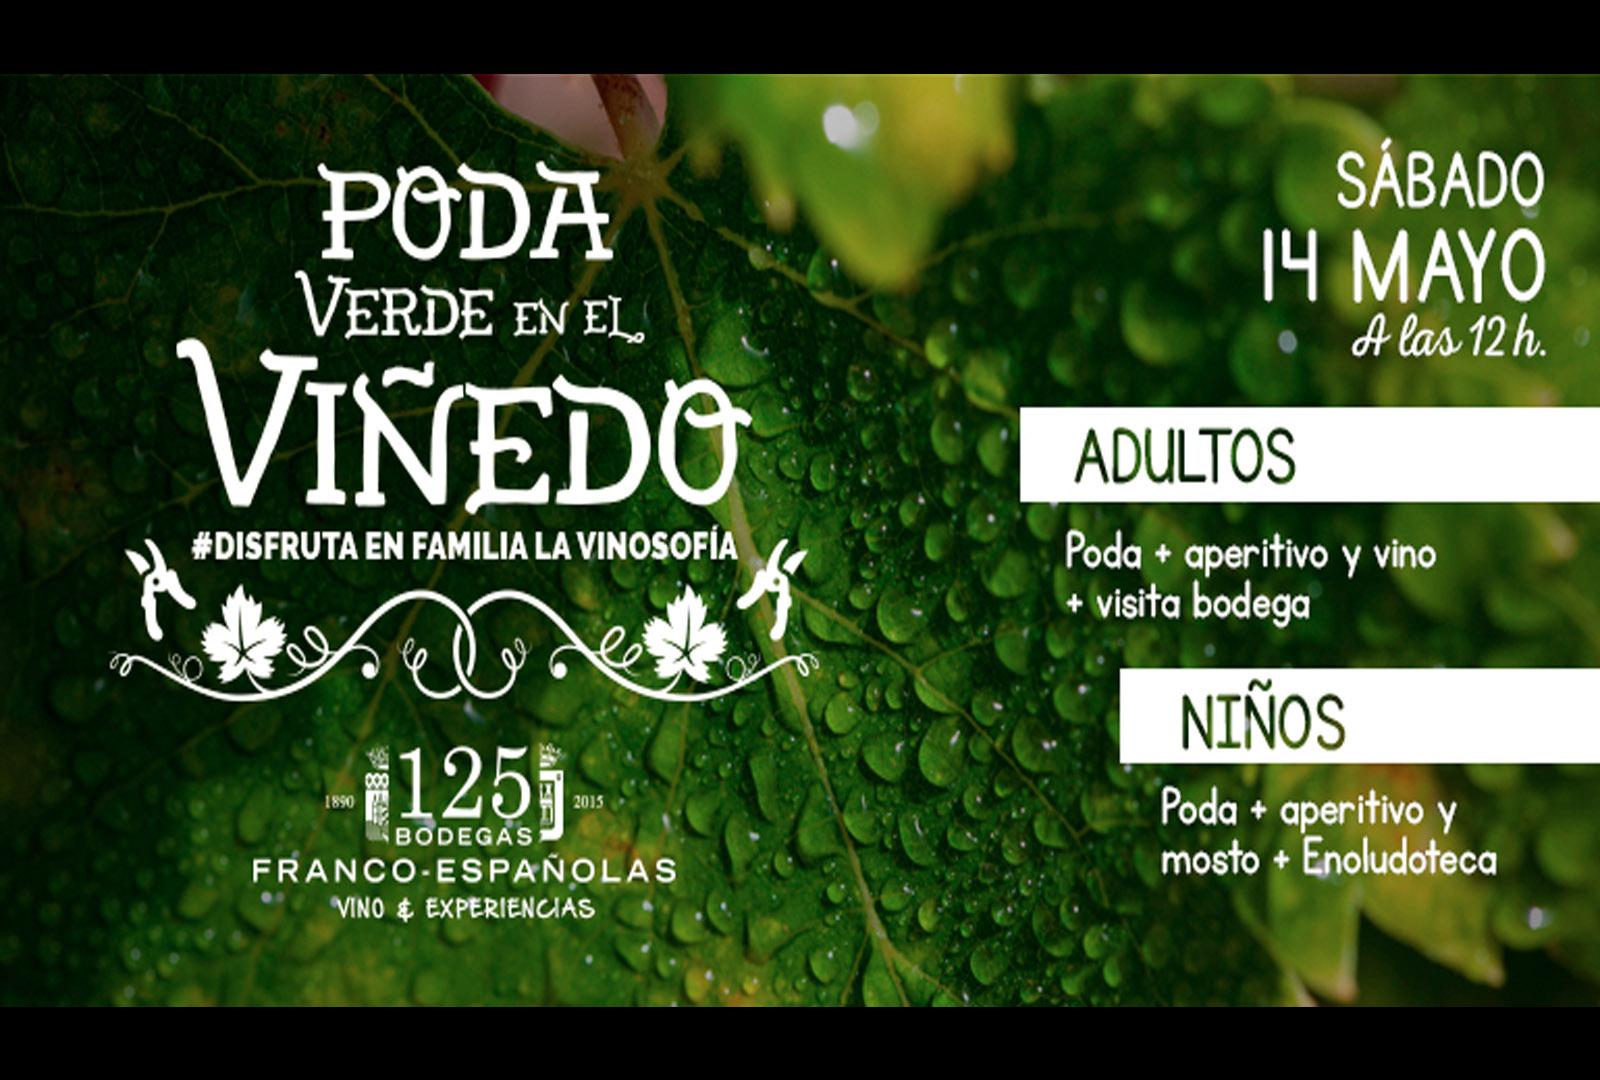 Poda verde en el Viñedo. Bodegas Franco – Españolas.